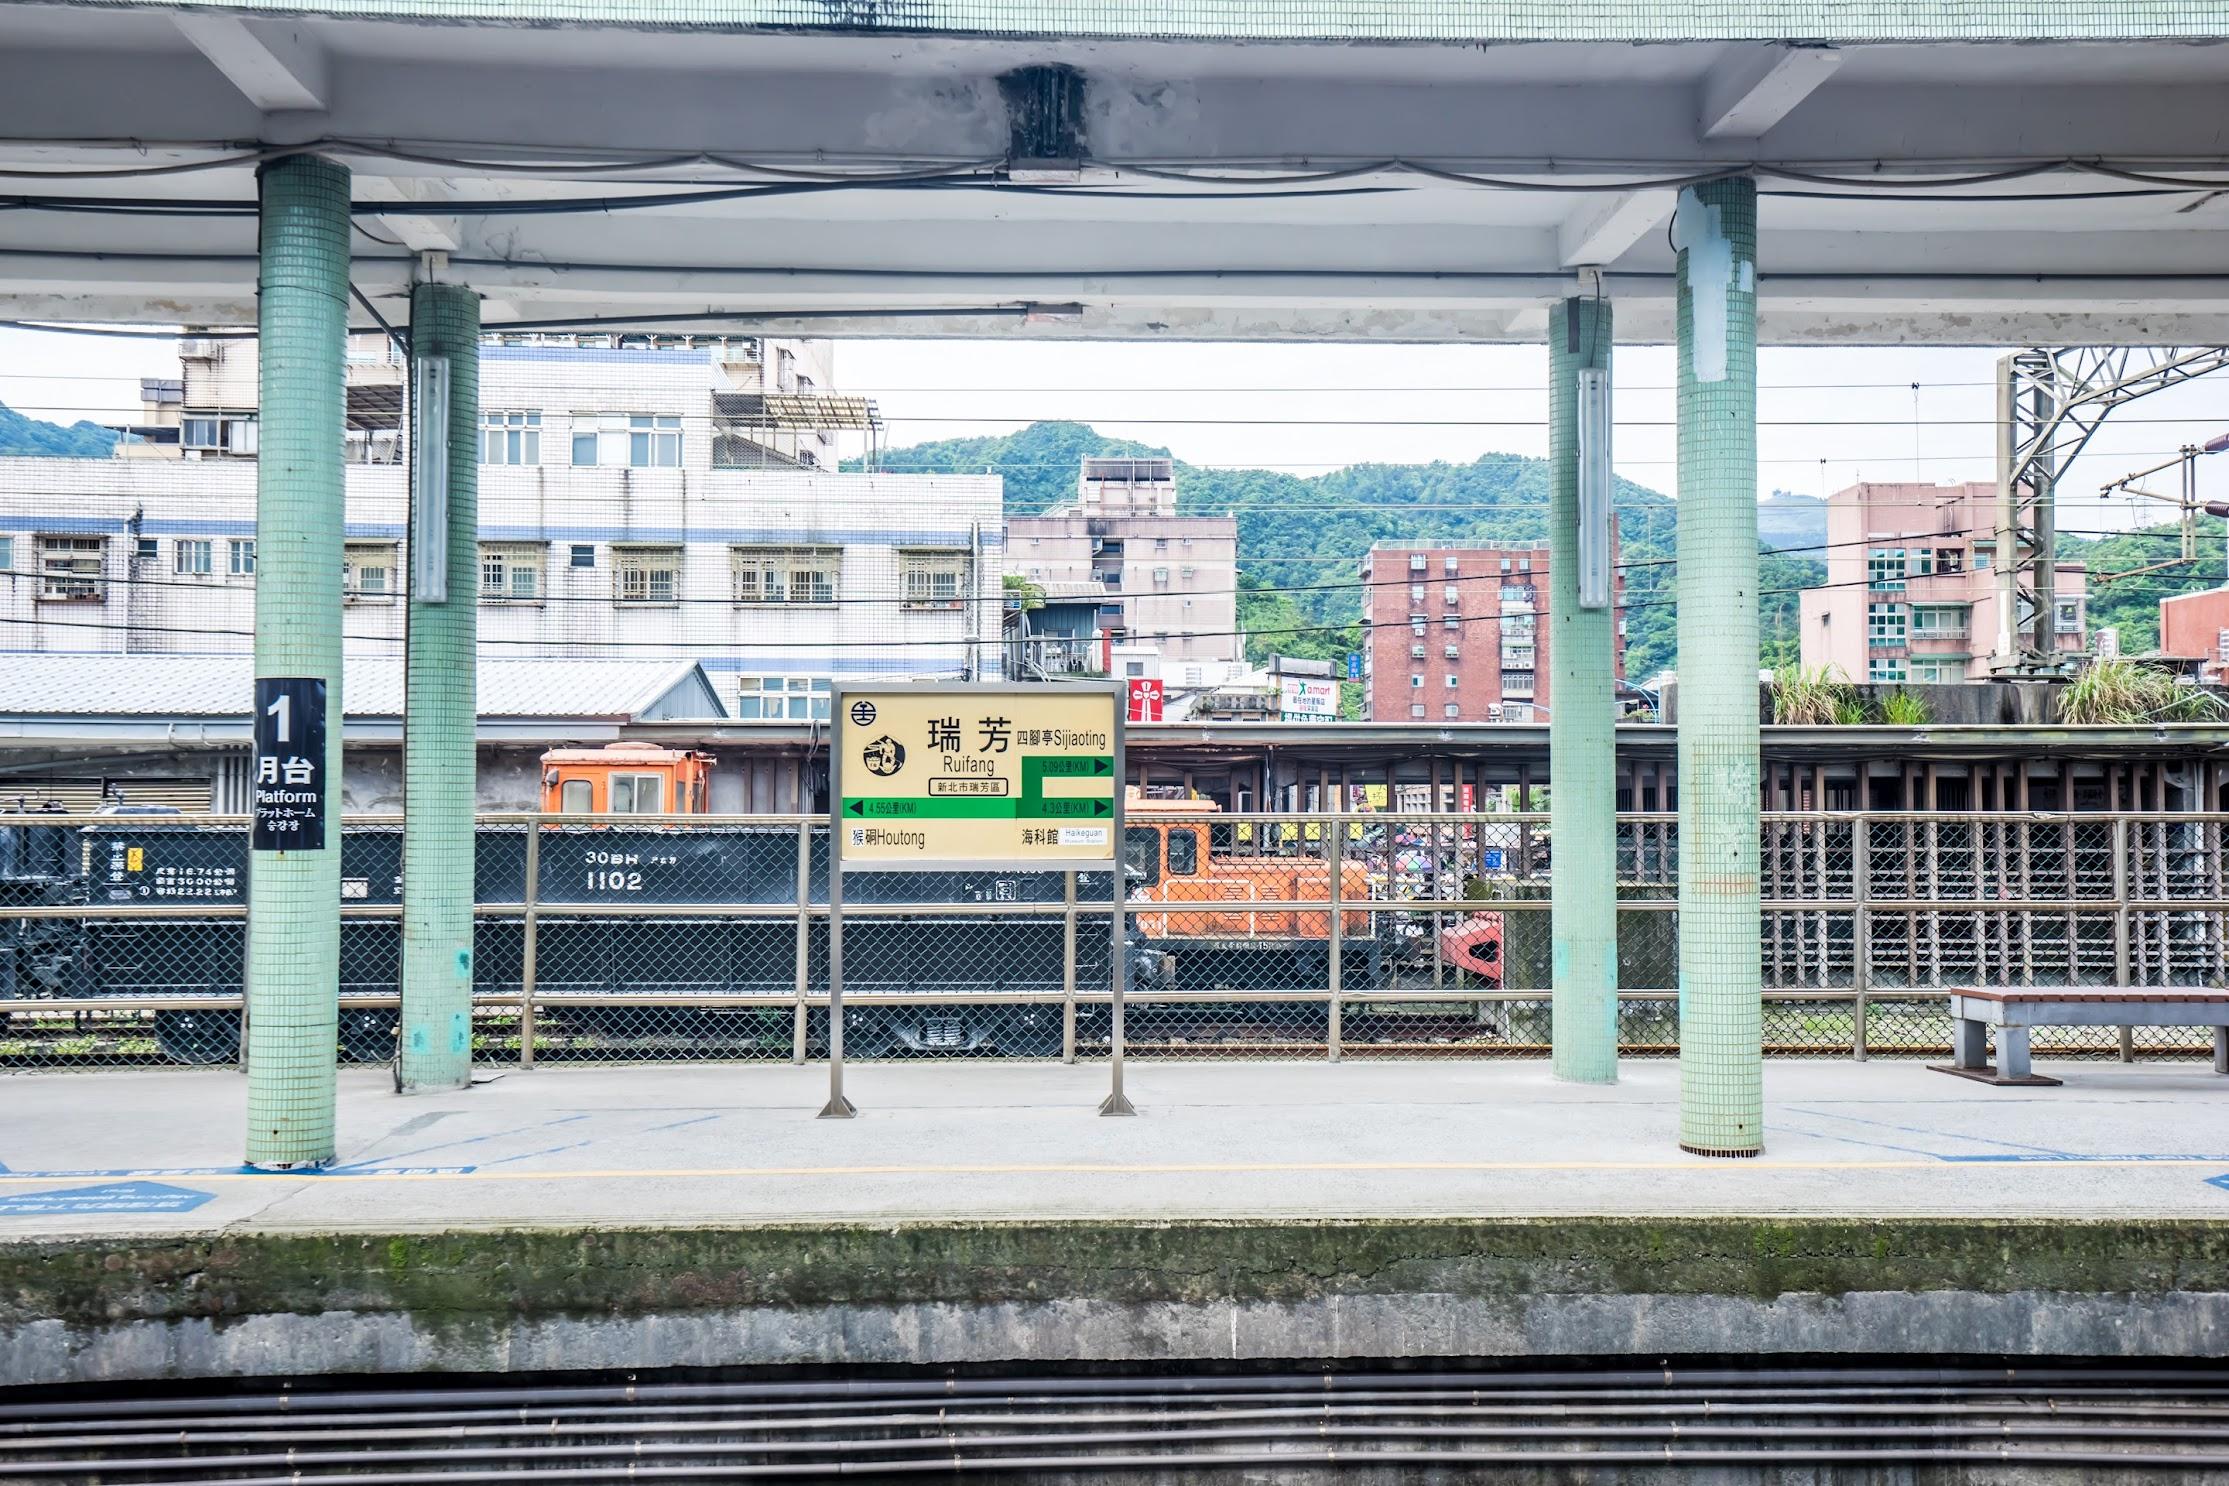 台湾 瑞芳駅1